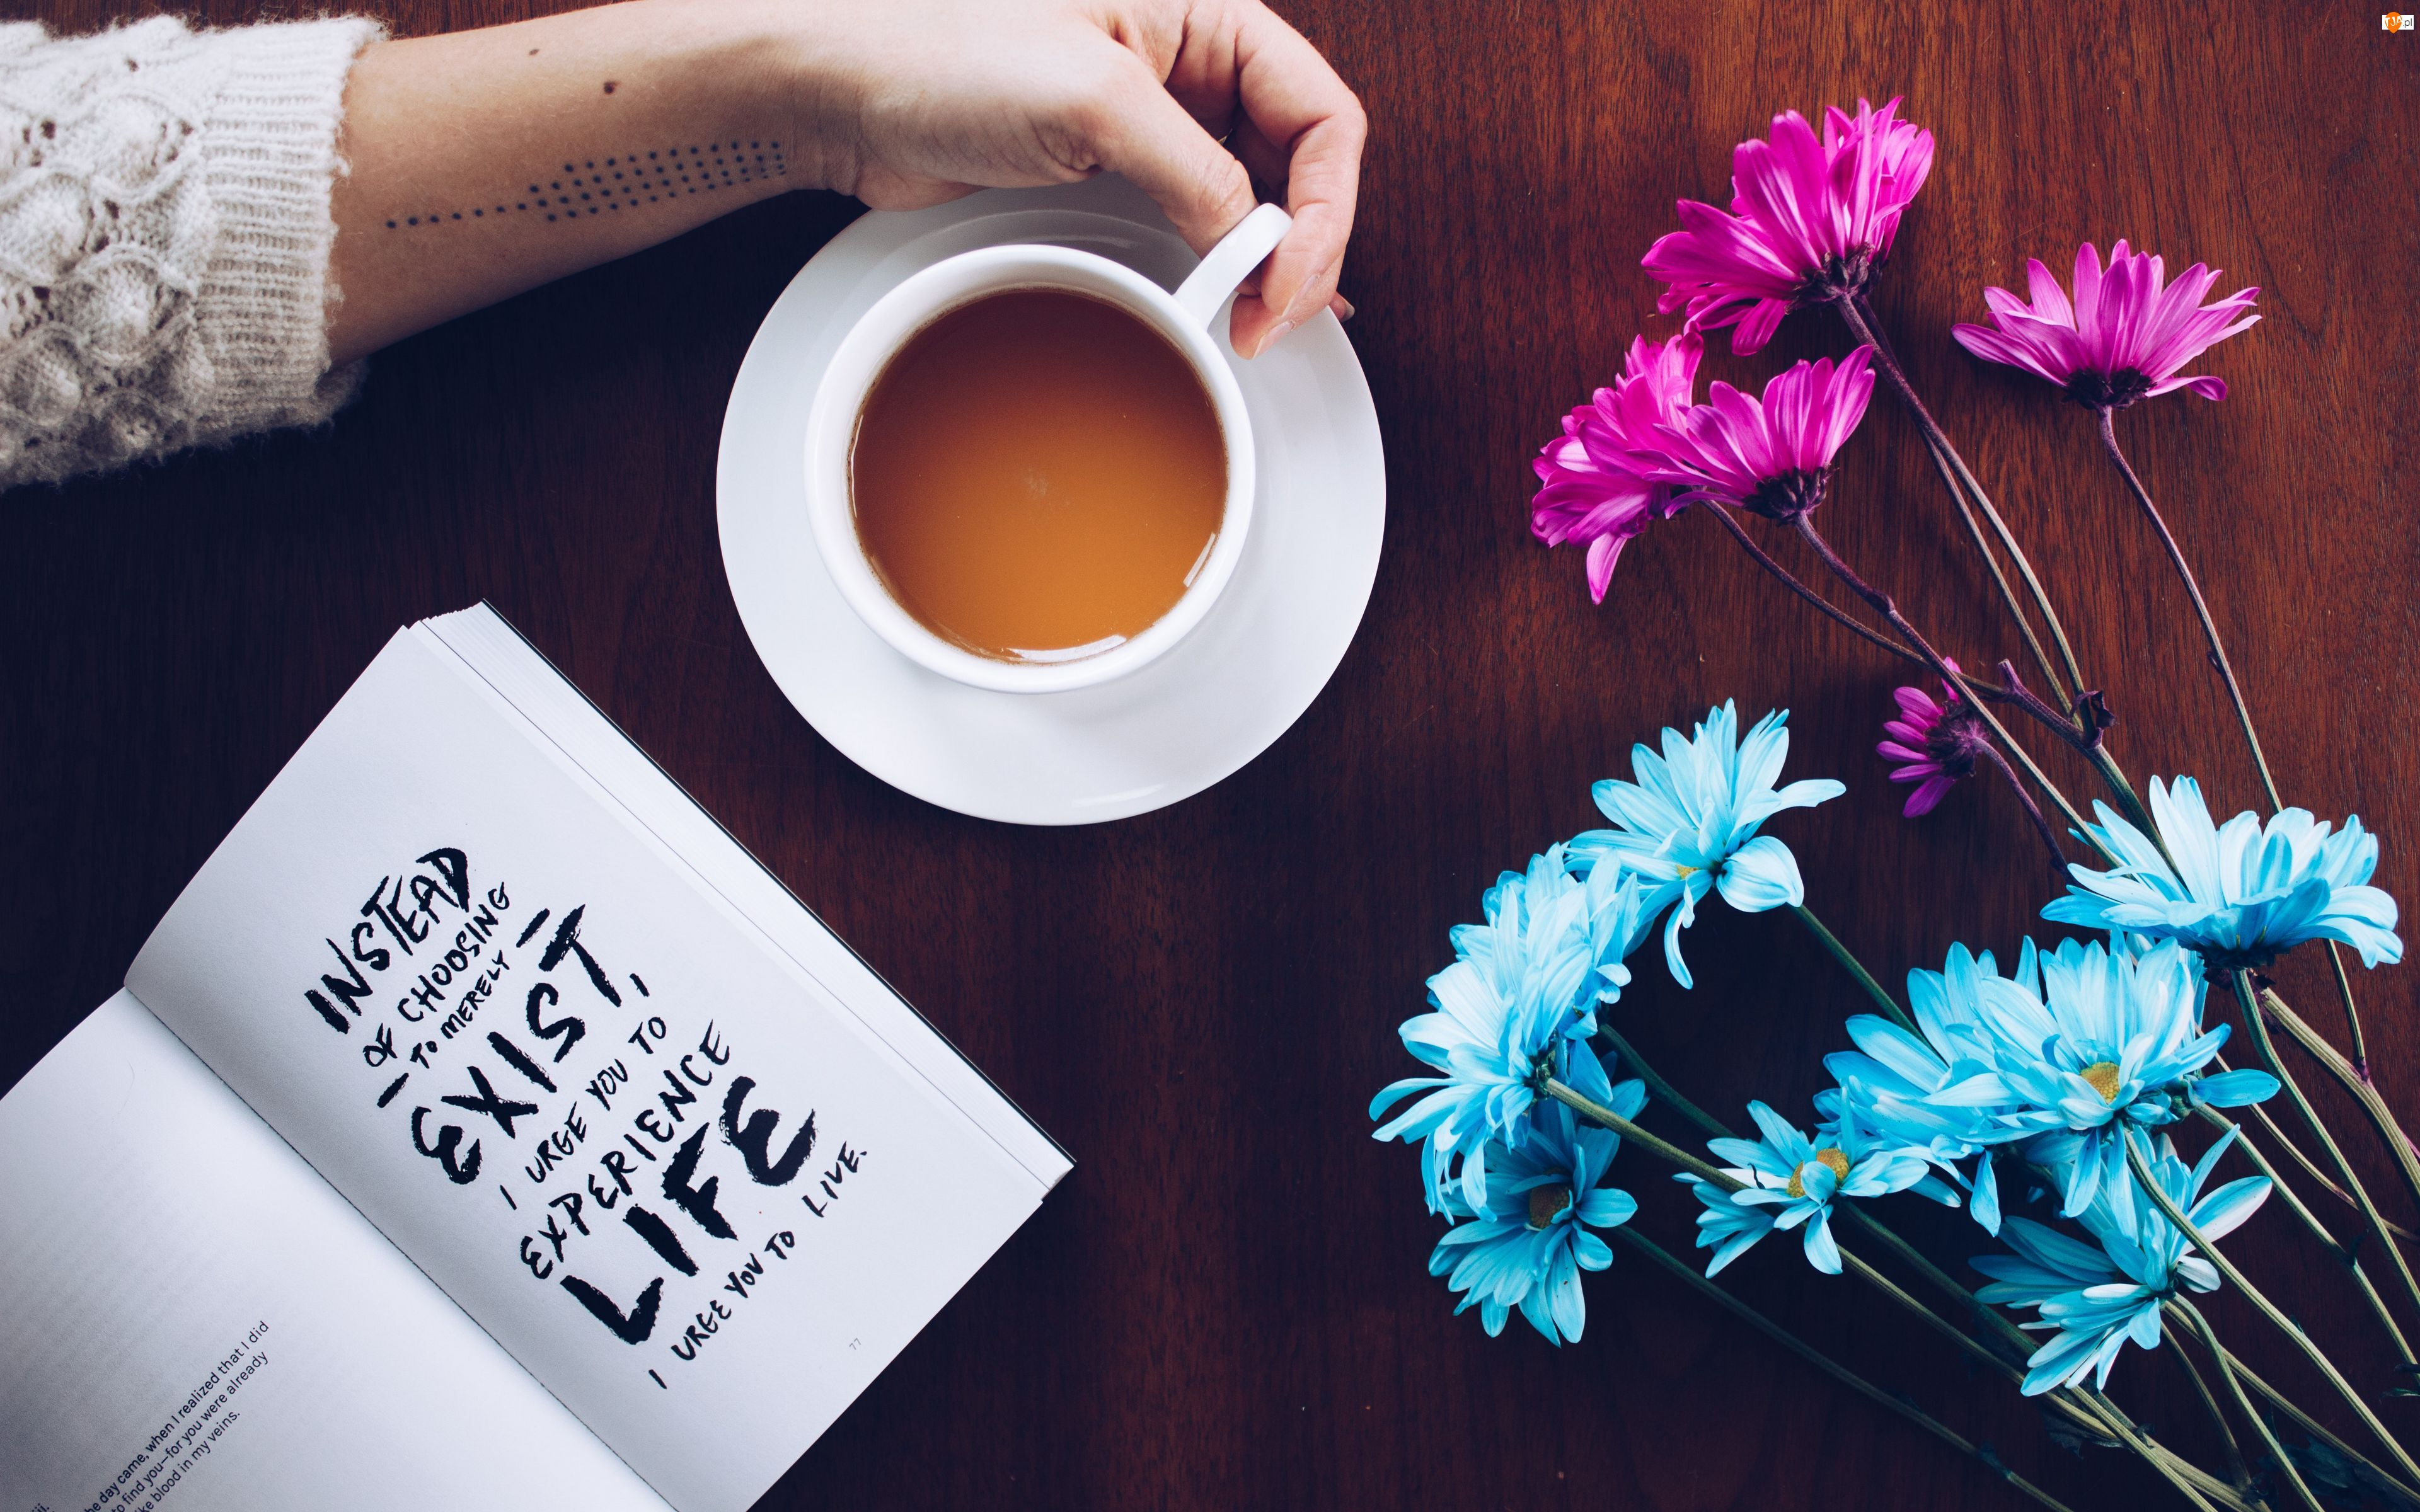 Ręka, Kompozycja, Kawa, Książka, Kwiaty